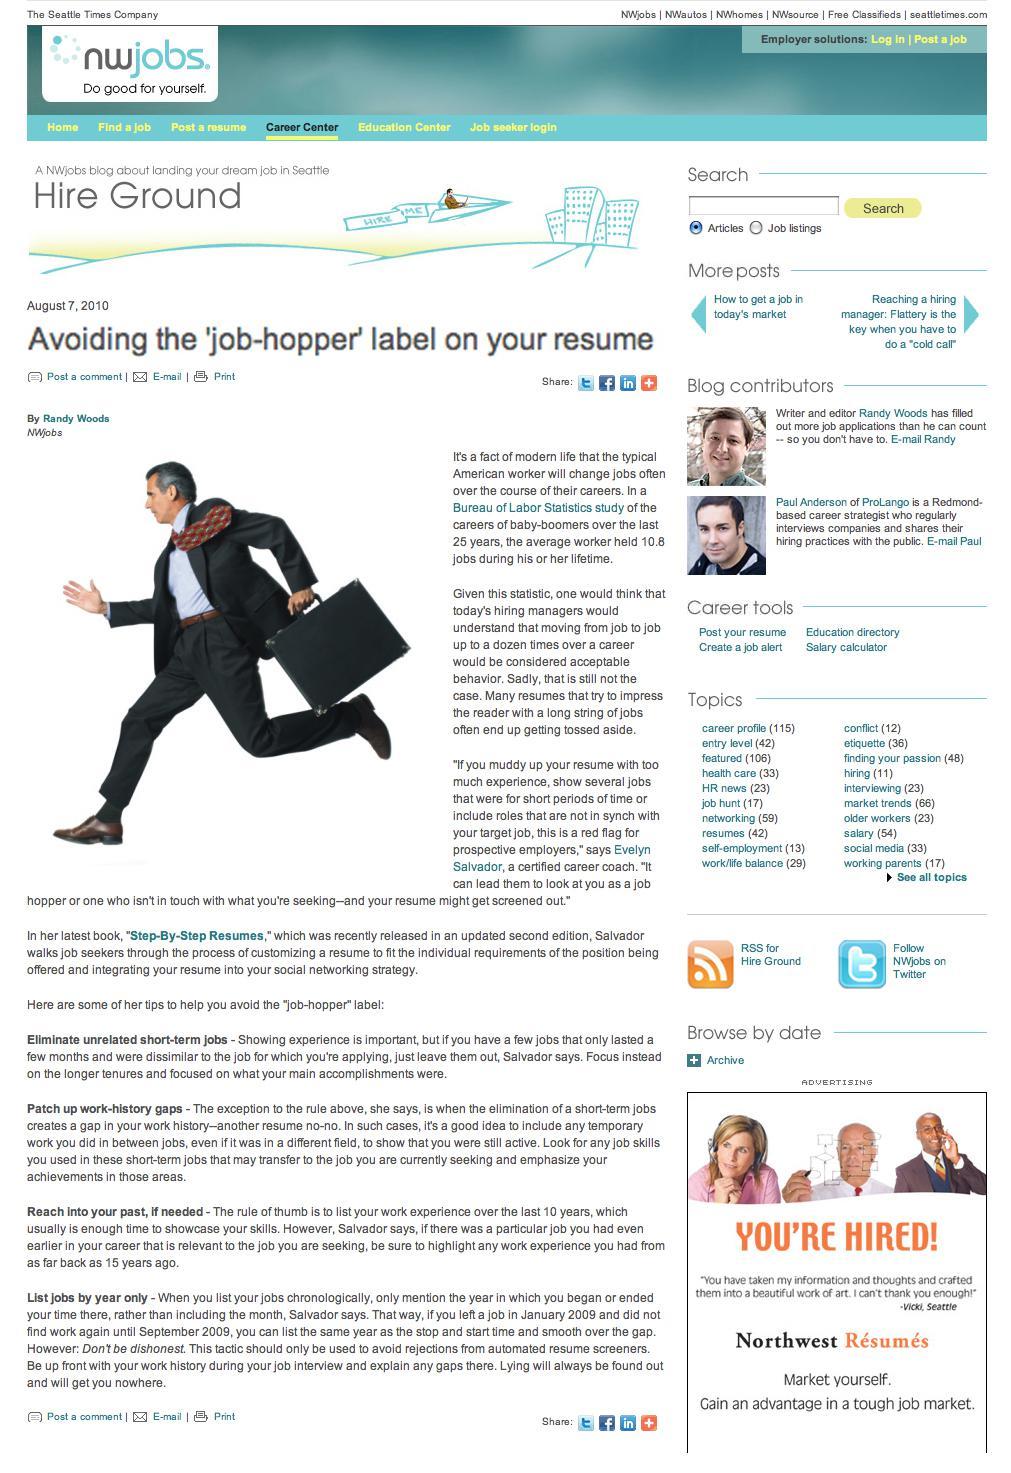 nwjobs - avoiding the job-hopper label.jpg